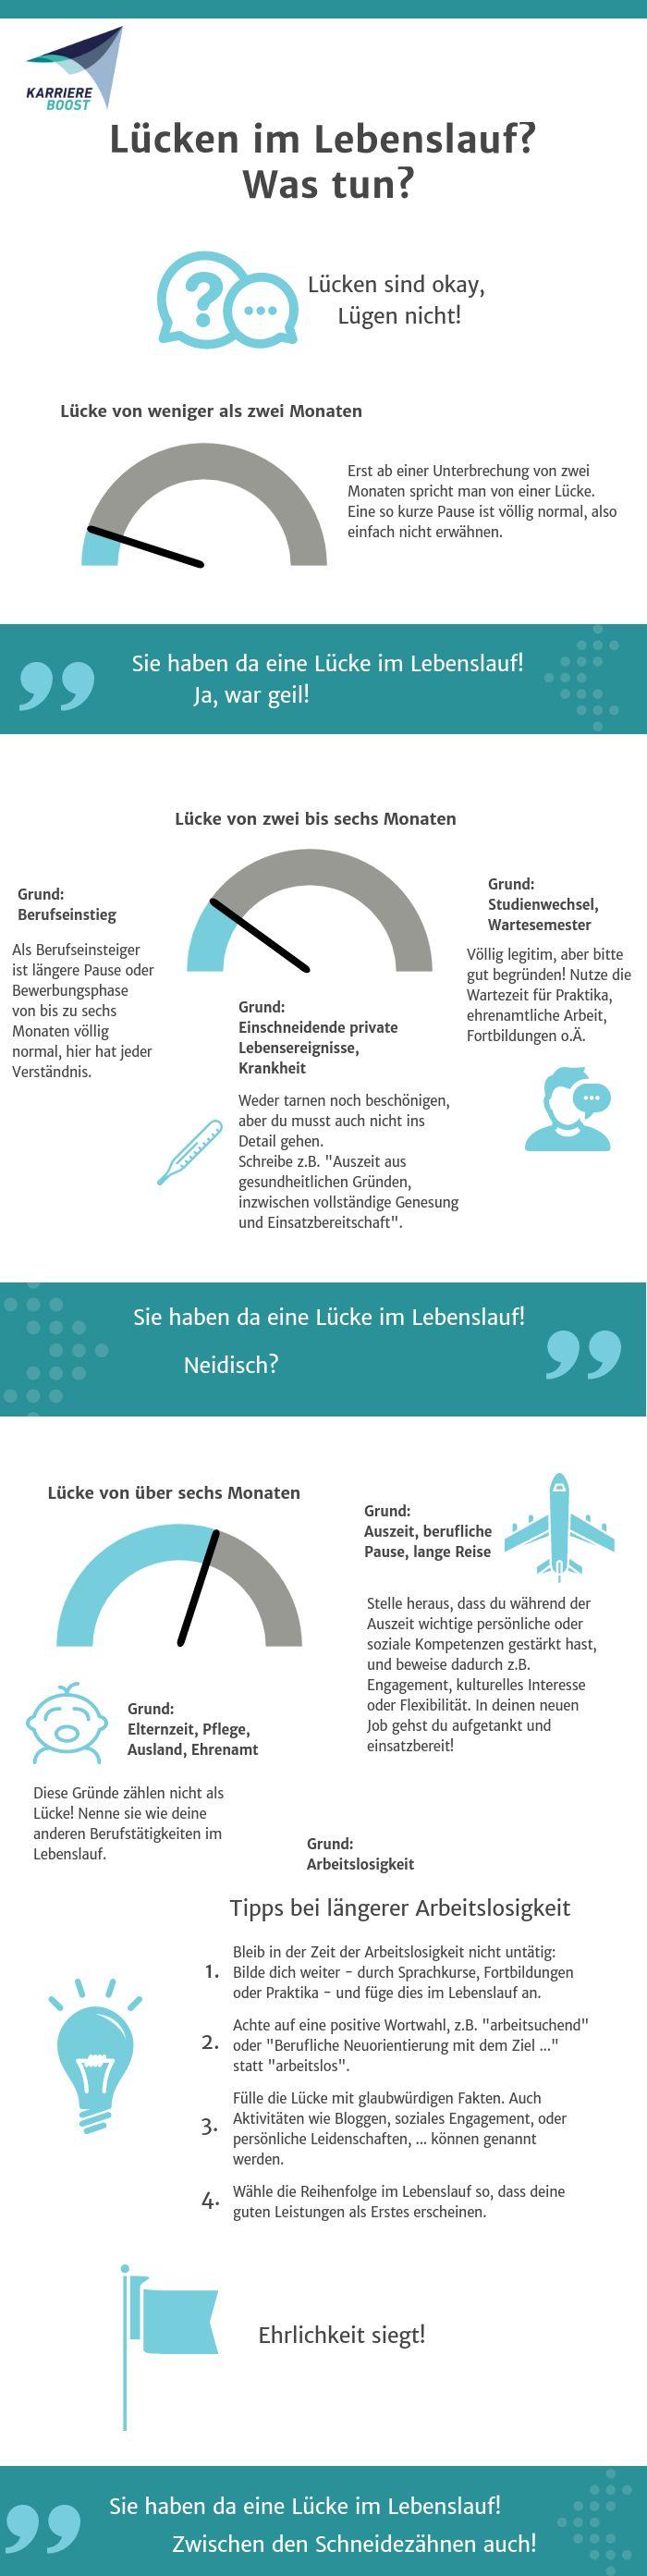 Infografik: Wie umgehen mit Leerlauf im Lebenslauf? - Karriere Boost